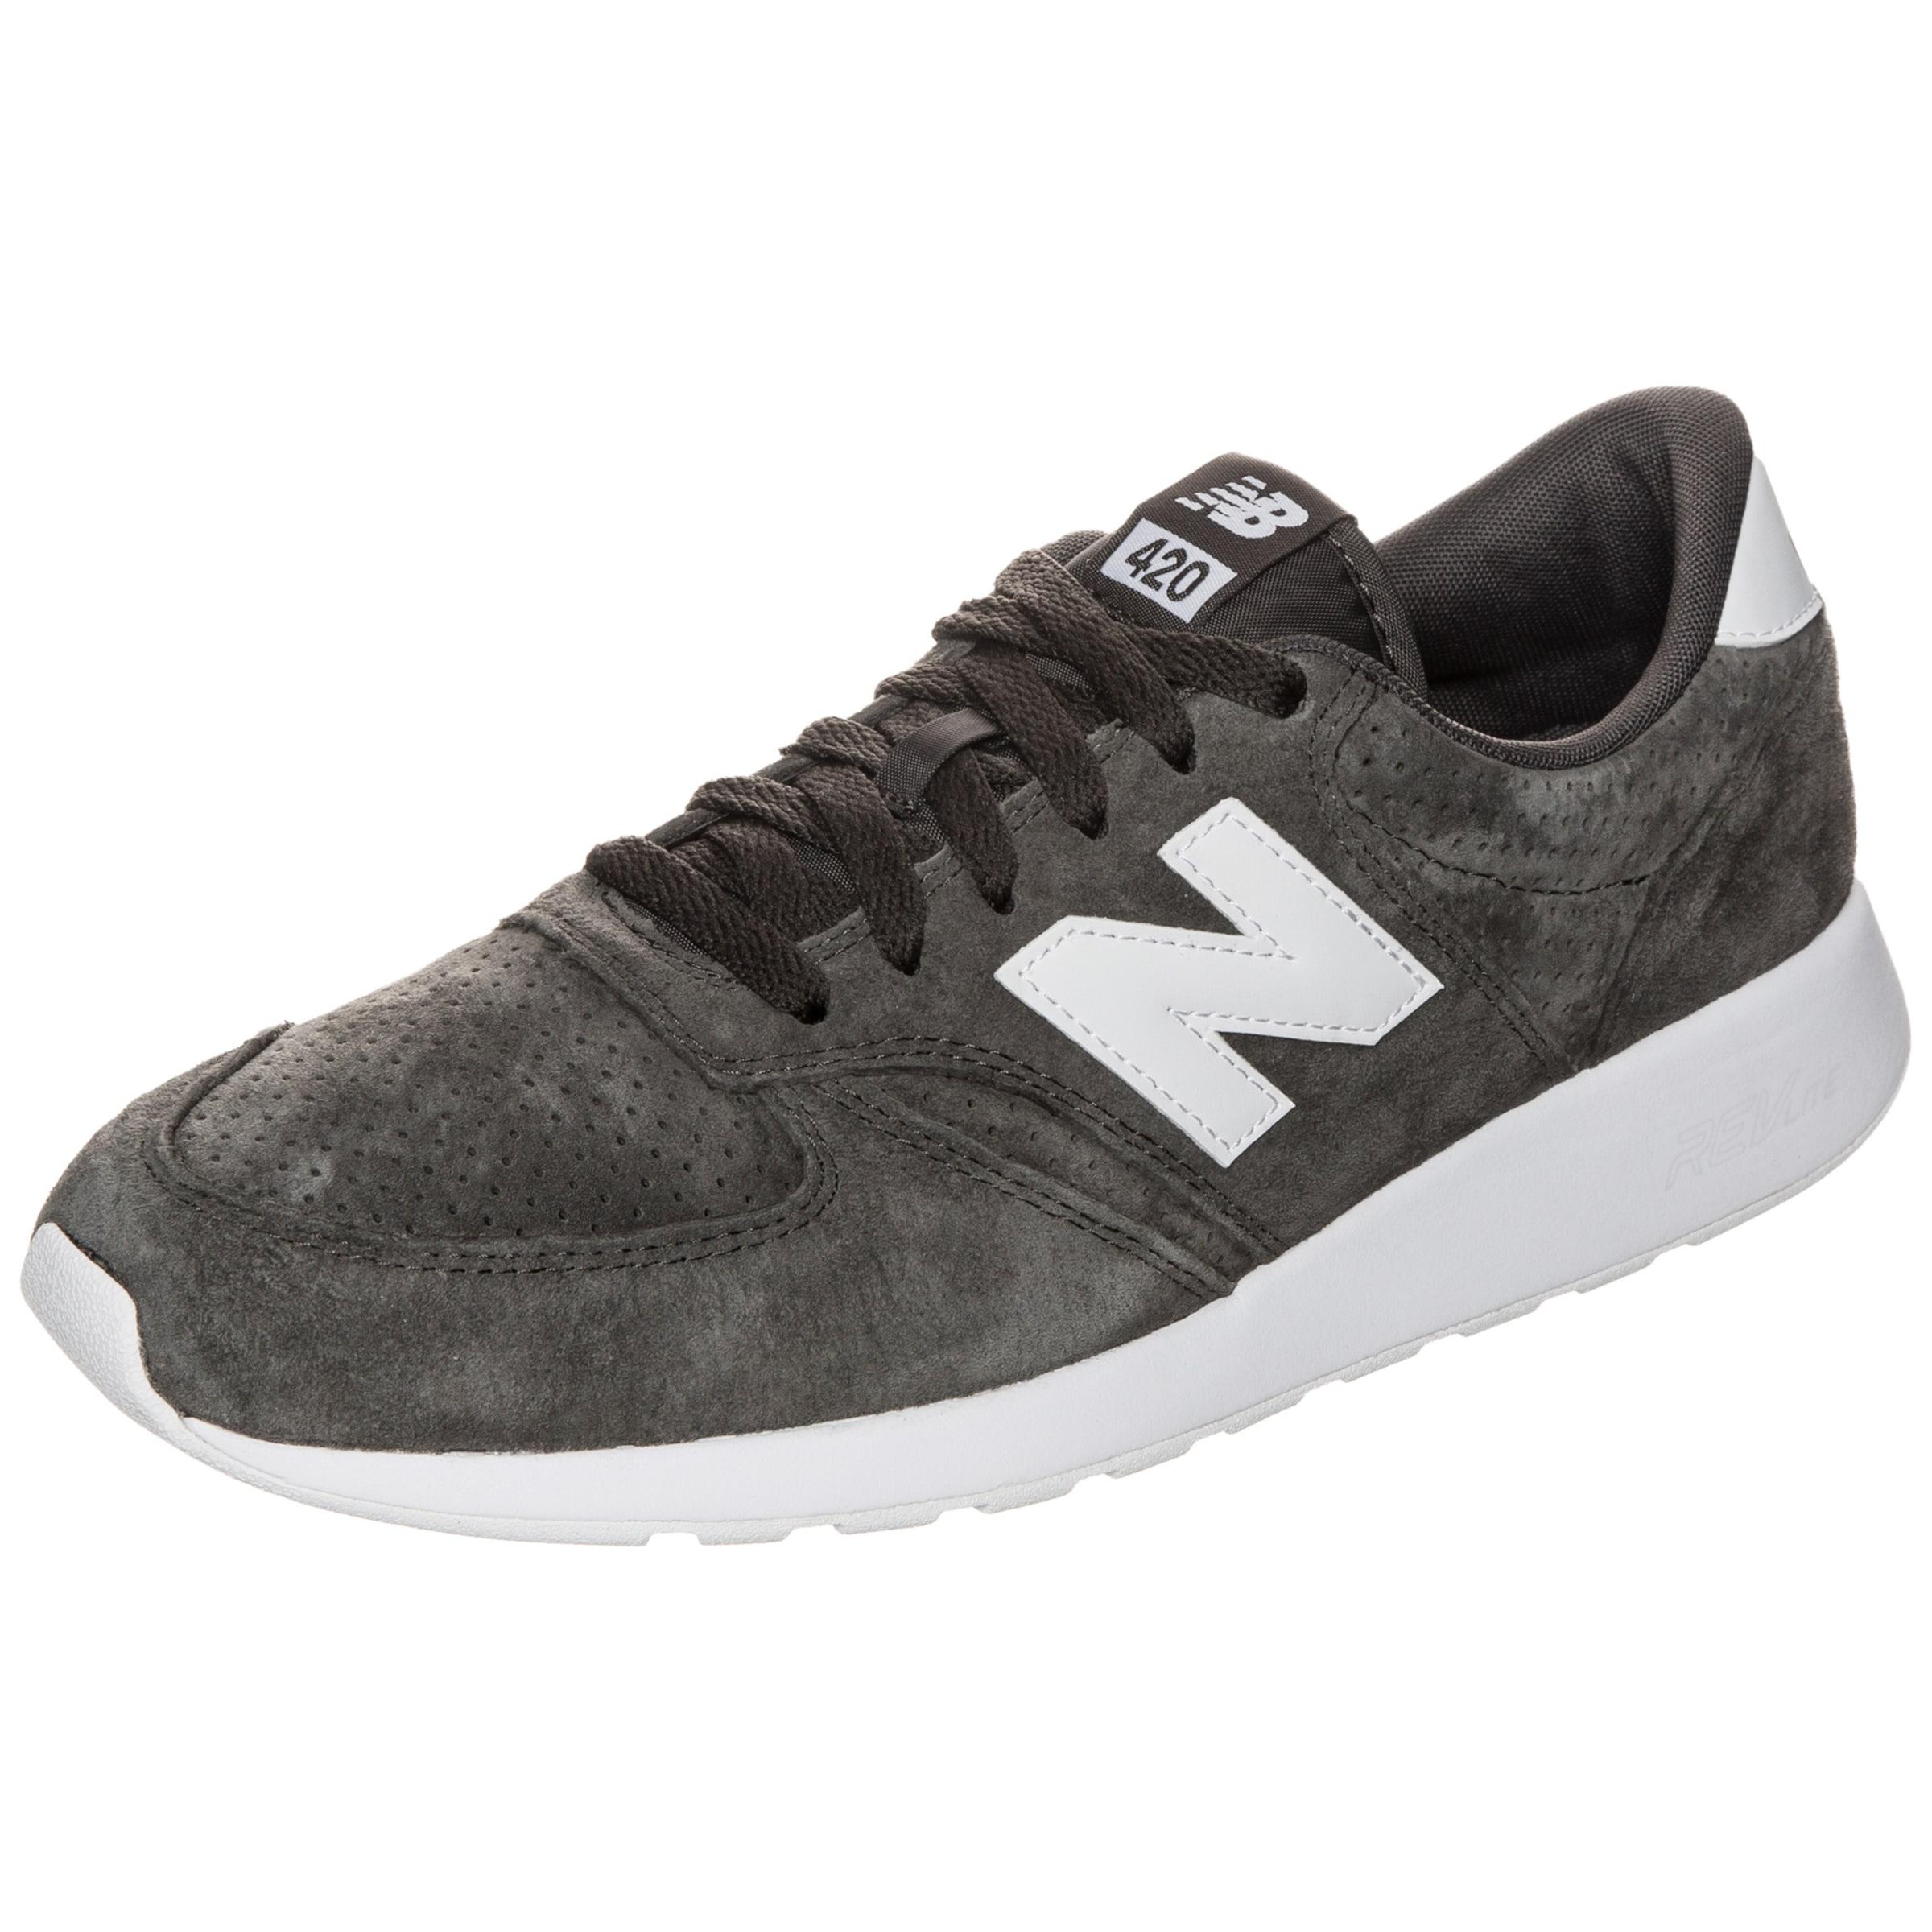 new balance MRL420-SG-D Sneaker Verschleißfeste billige Schuhe